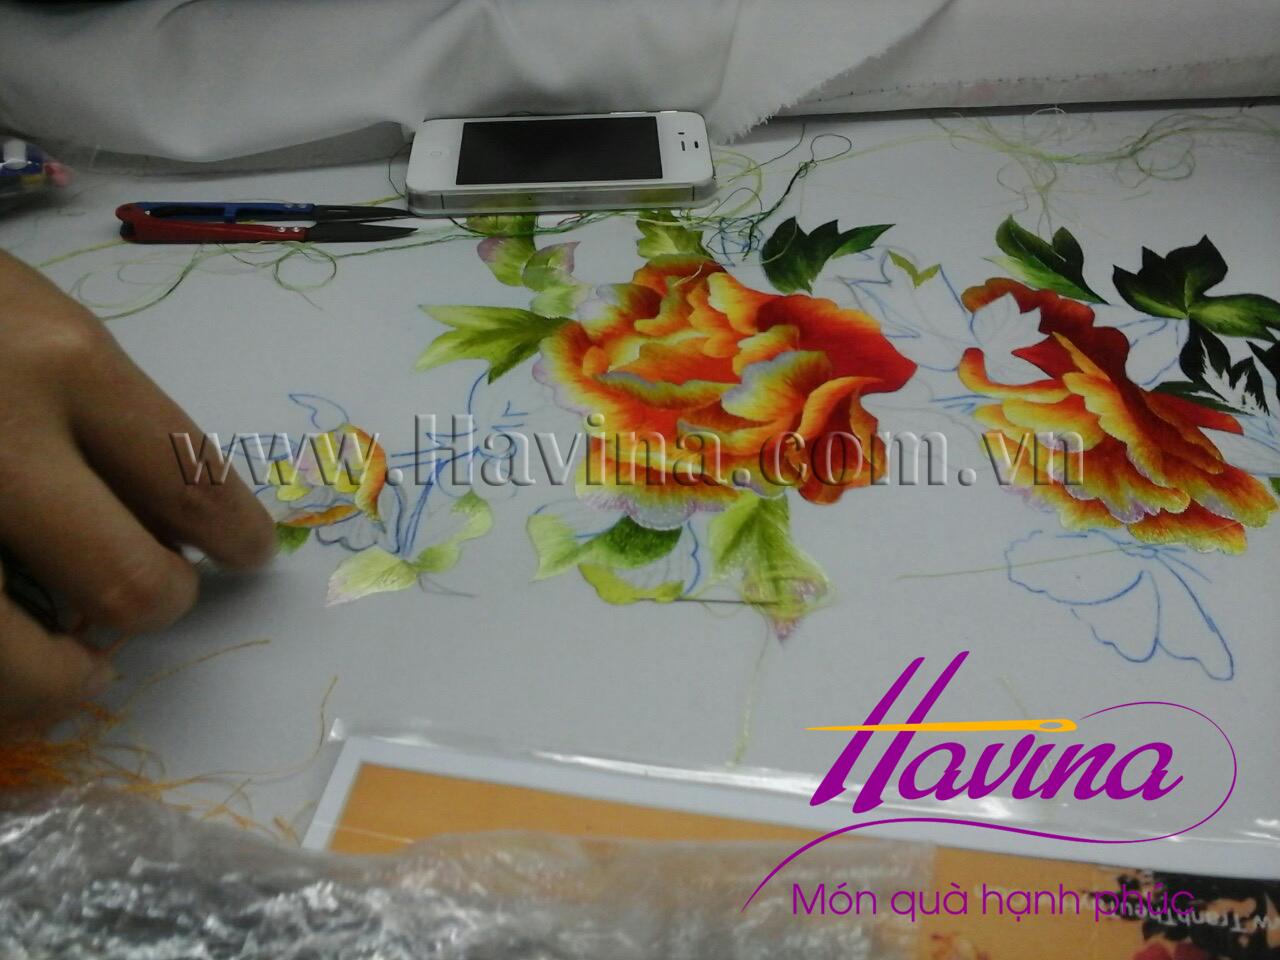 Nghệ nhân tranh thêu tay Huế thêu tác phẩm tranh thêu hoa mẫu đơn.